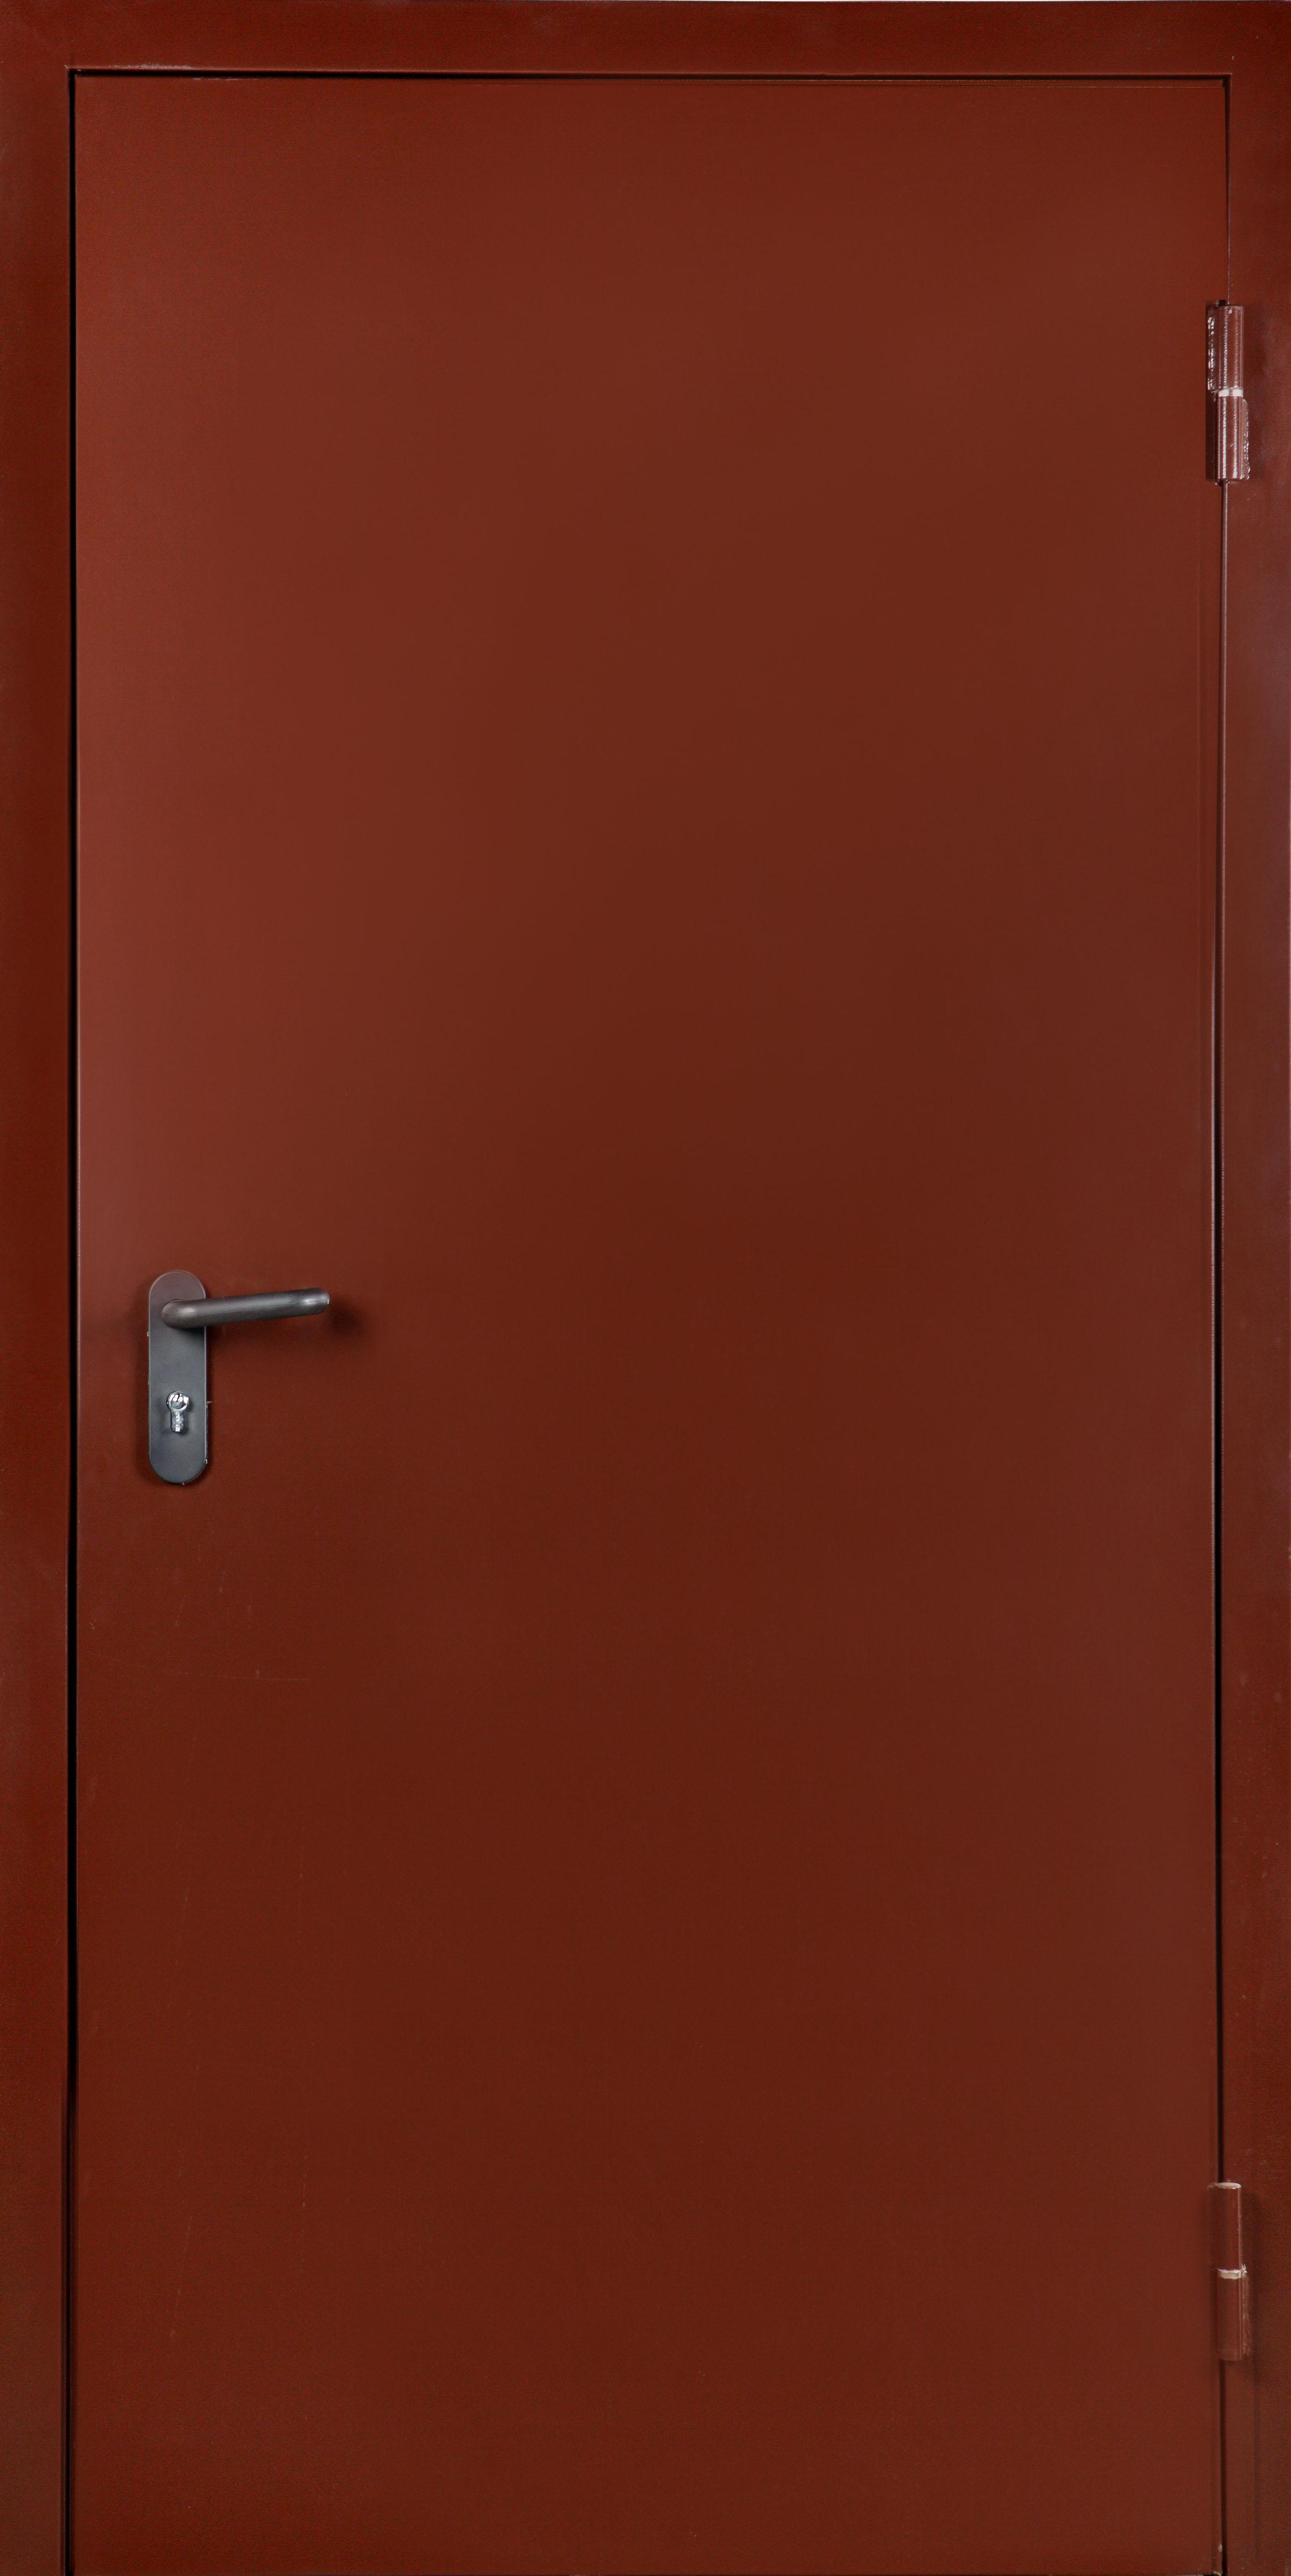 металлические технические двери для улицы